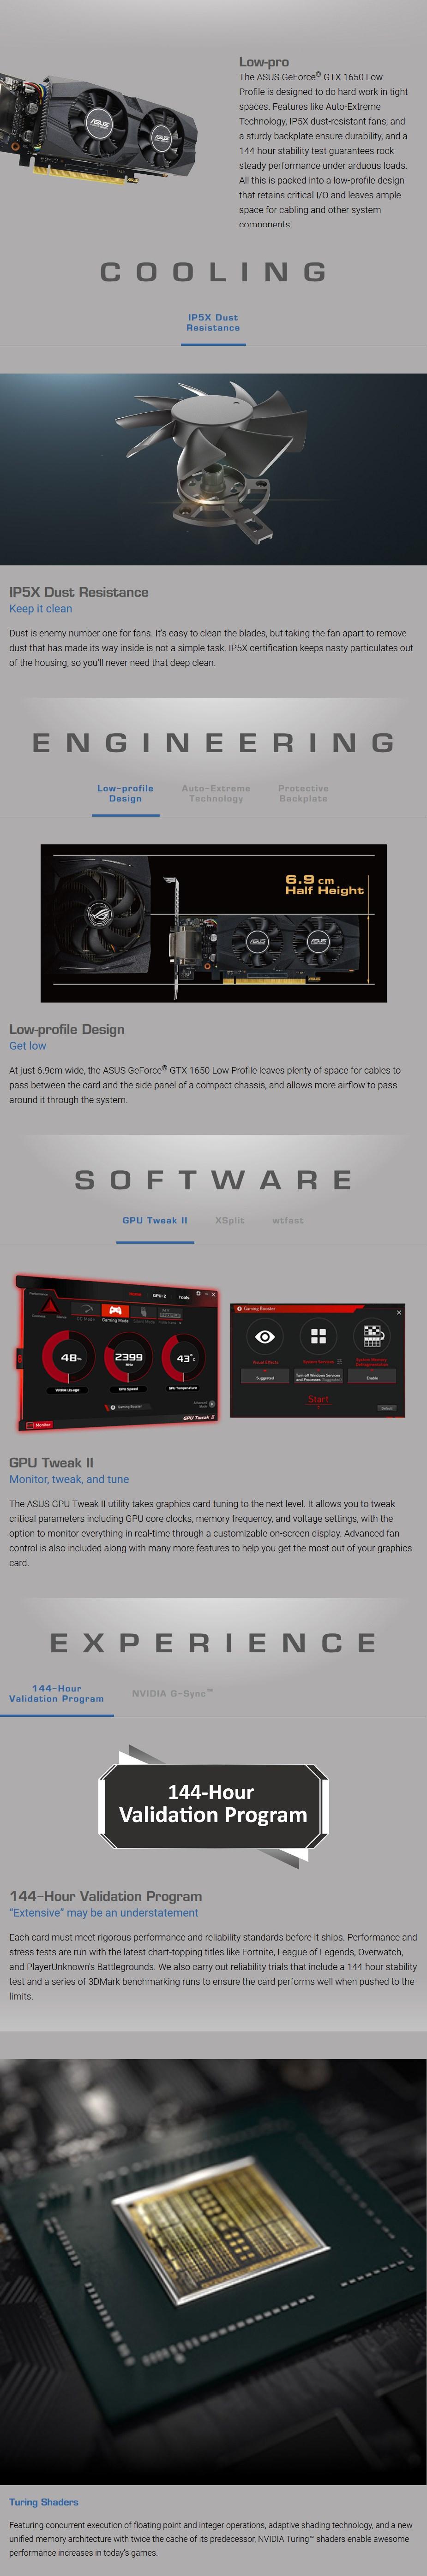 asus-geforce-gtx-1650-low-profile-4gb-video-card-ac33967-8.jpg